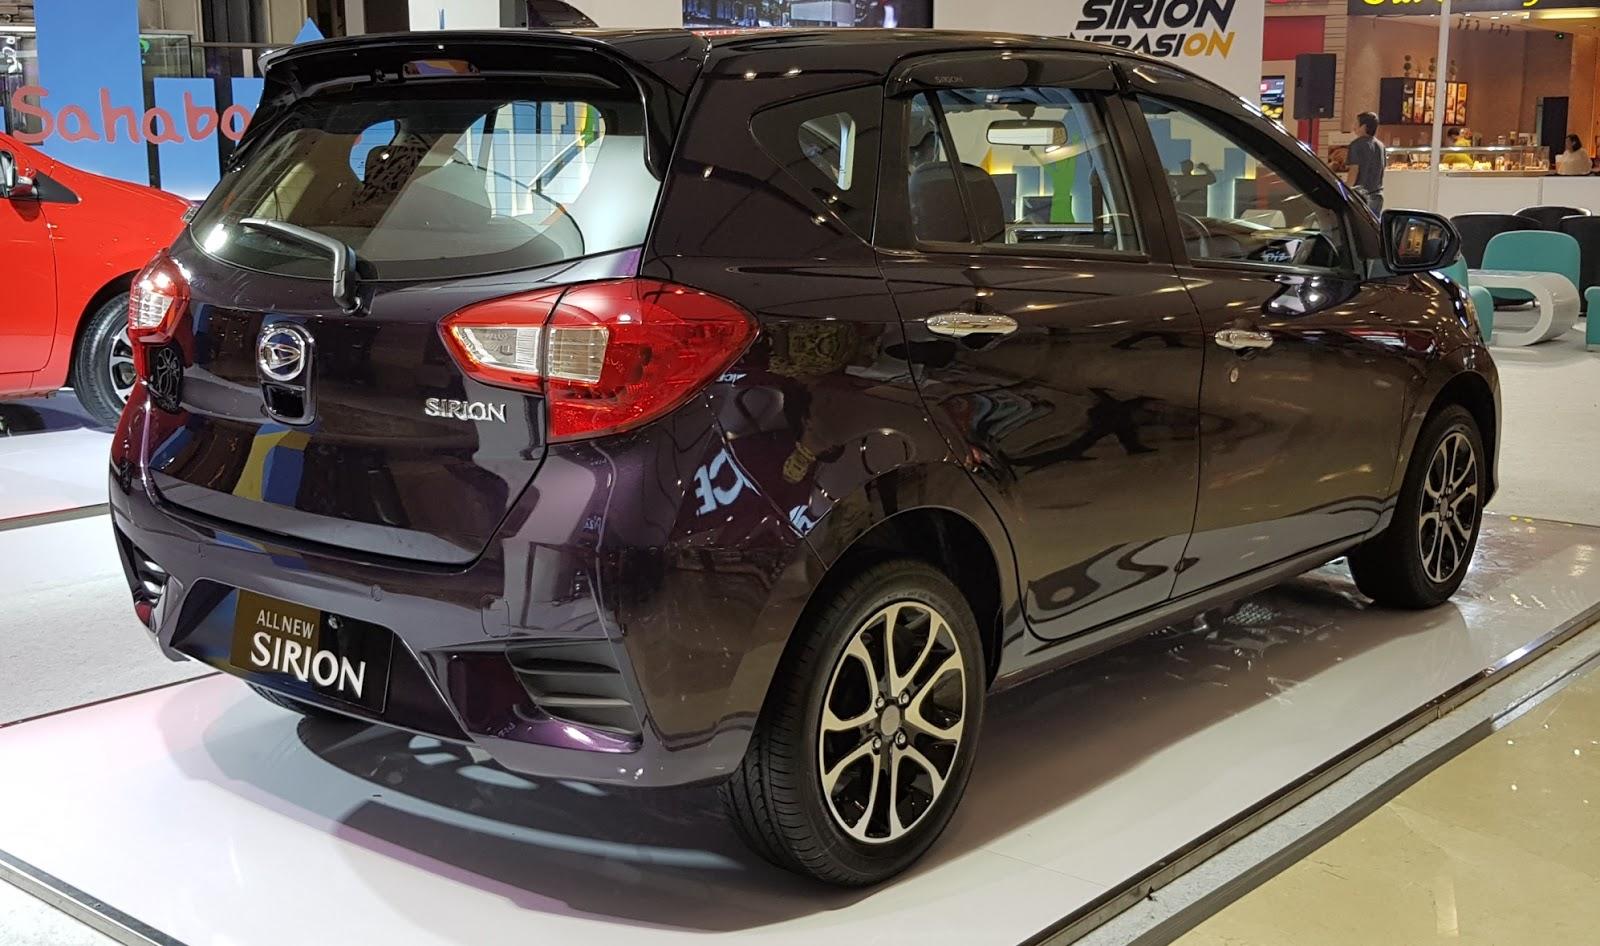 Konsumsi Bbm Grand New Avanza 2018 Toyota Yaris Trd Sportivo 2017 Gunakan Mesin All Sirion Generasi Ke 3